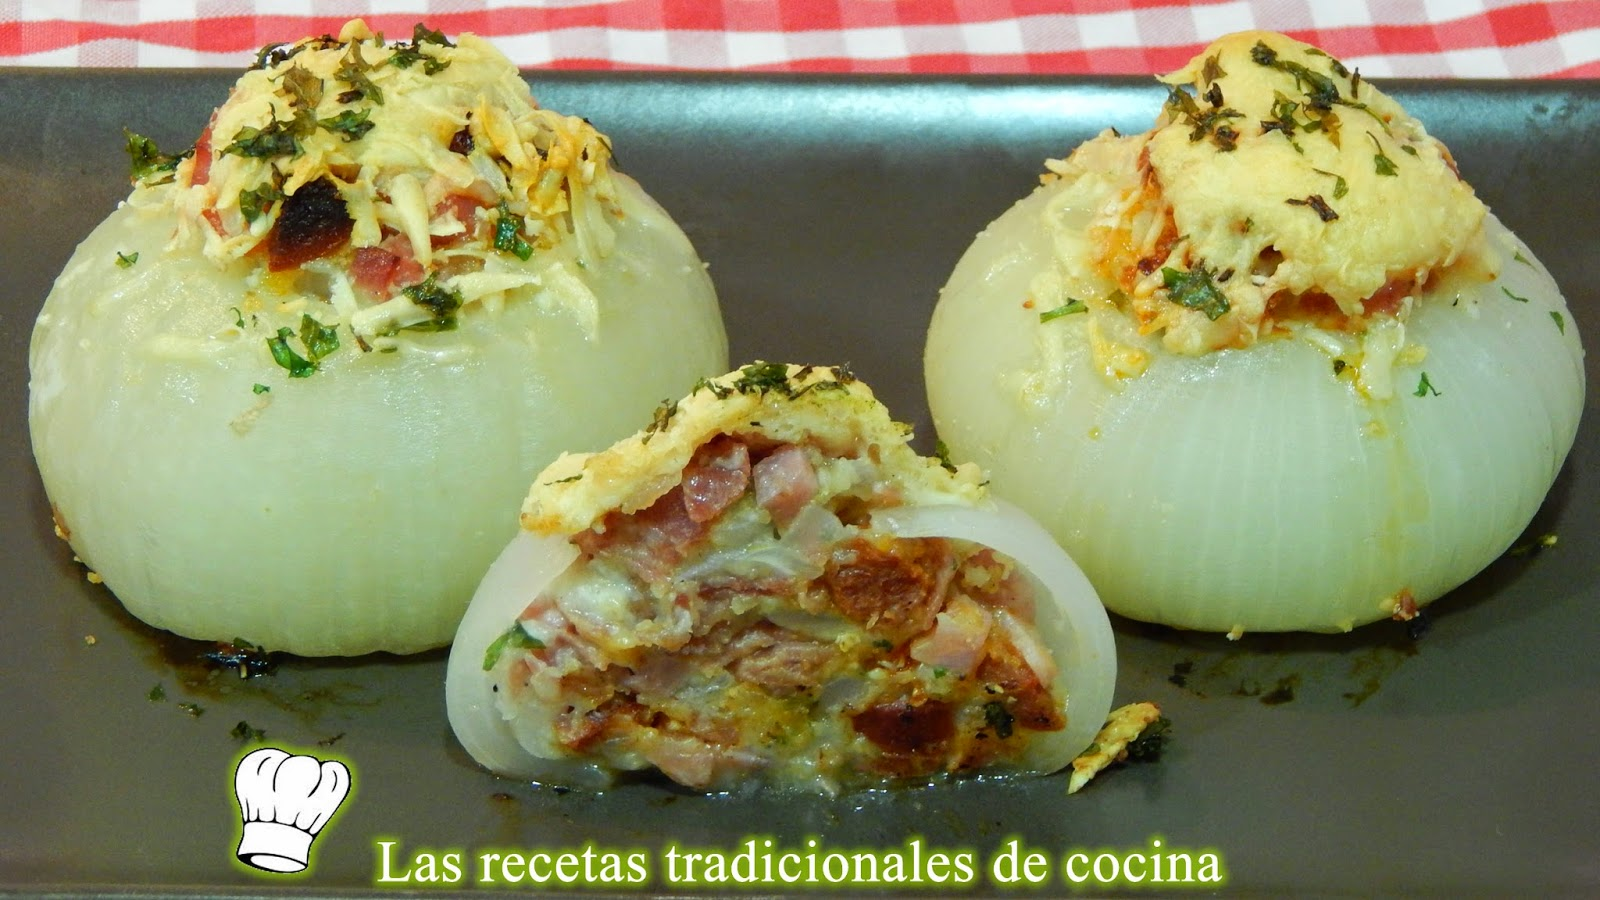 Cebollas gratinadas al horno